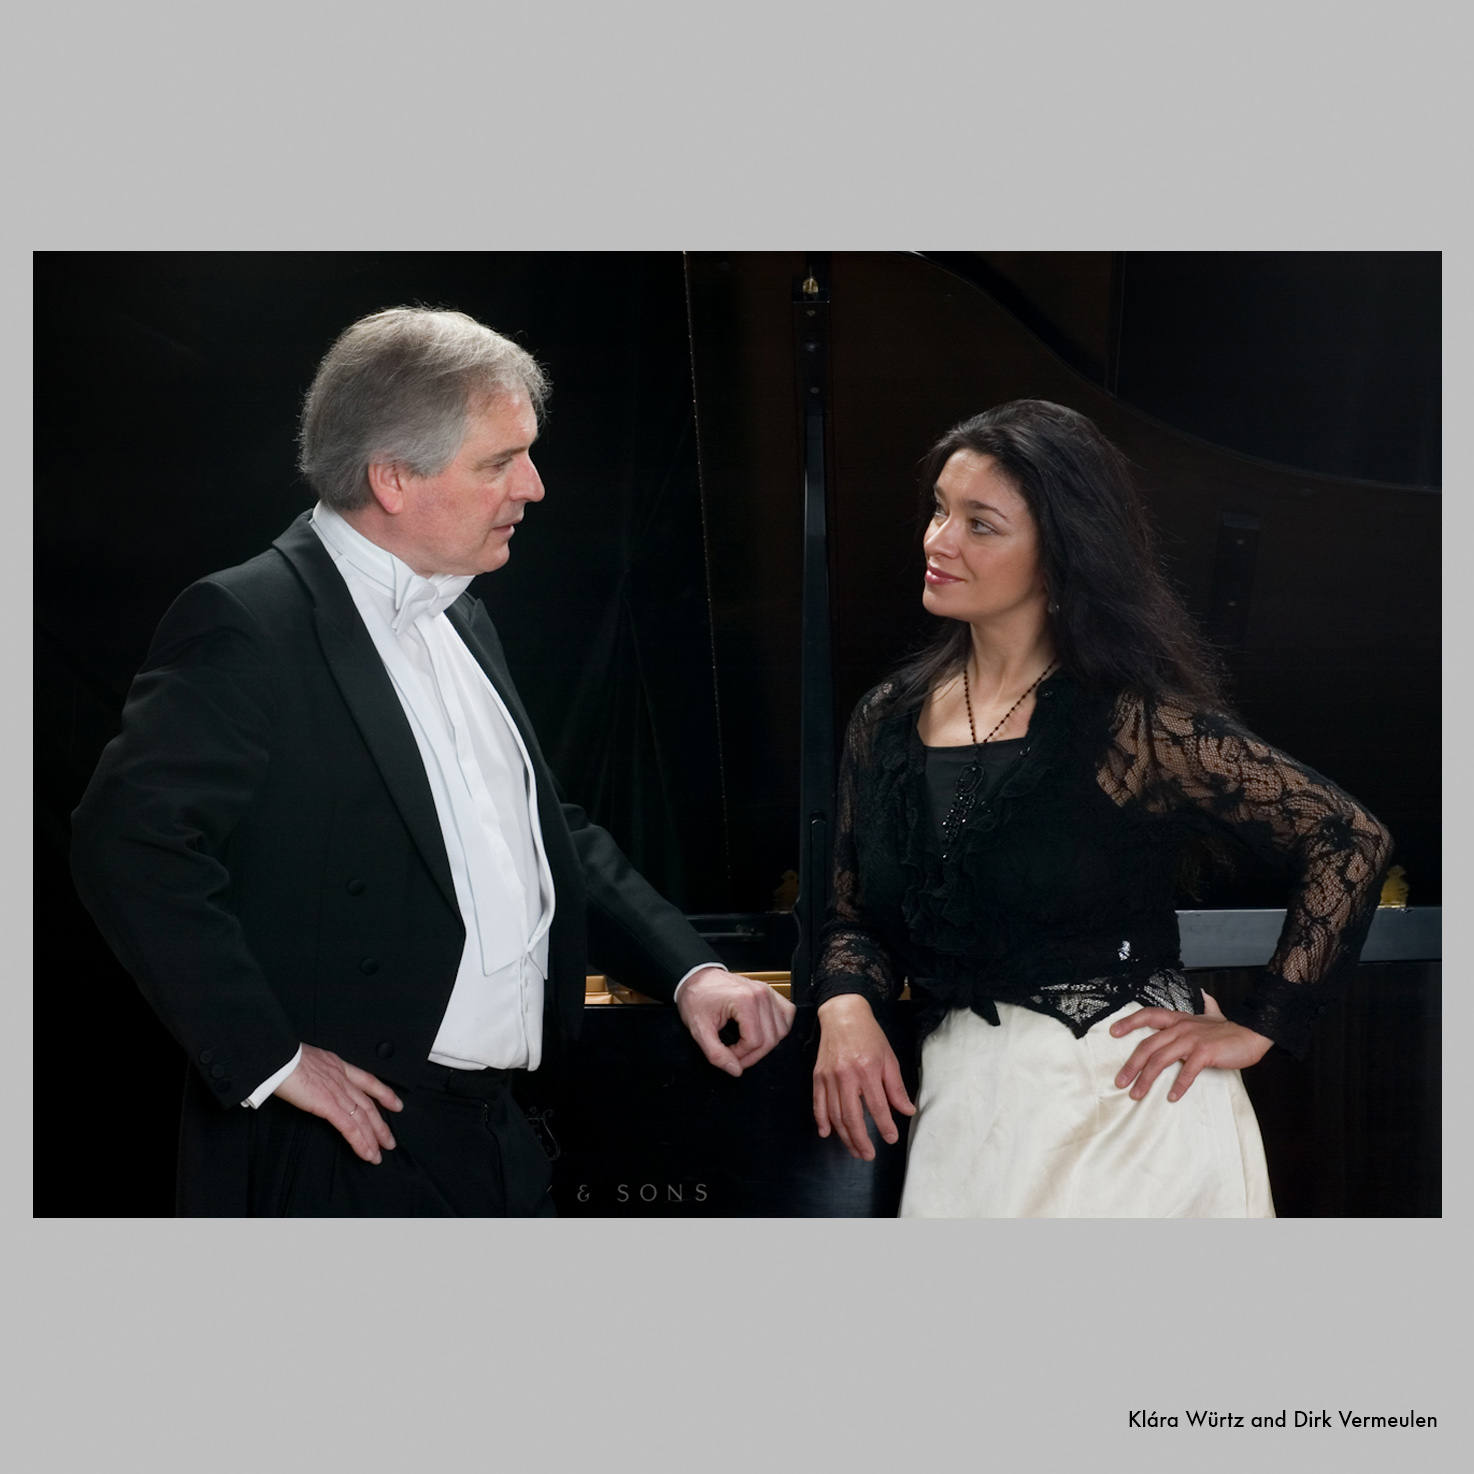 Klára Würtz and Dirk Vermeulen.jpg